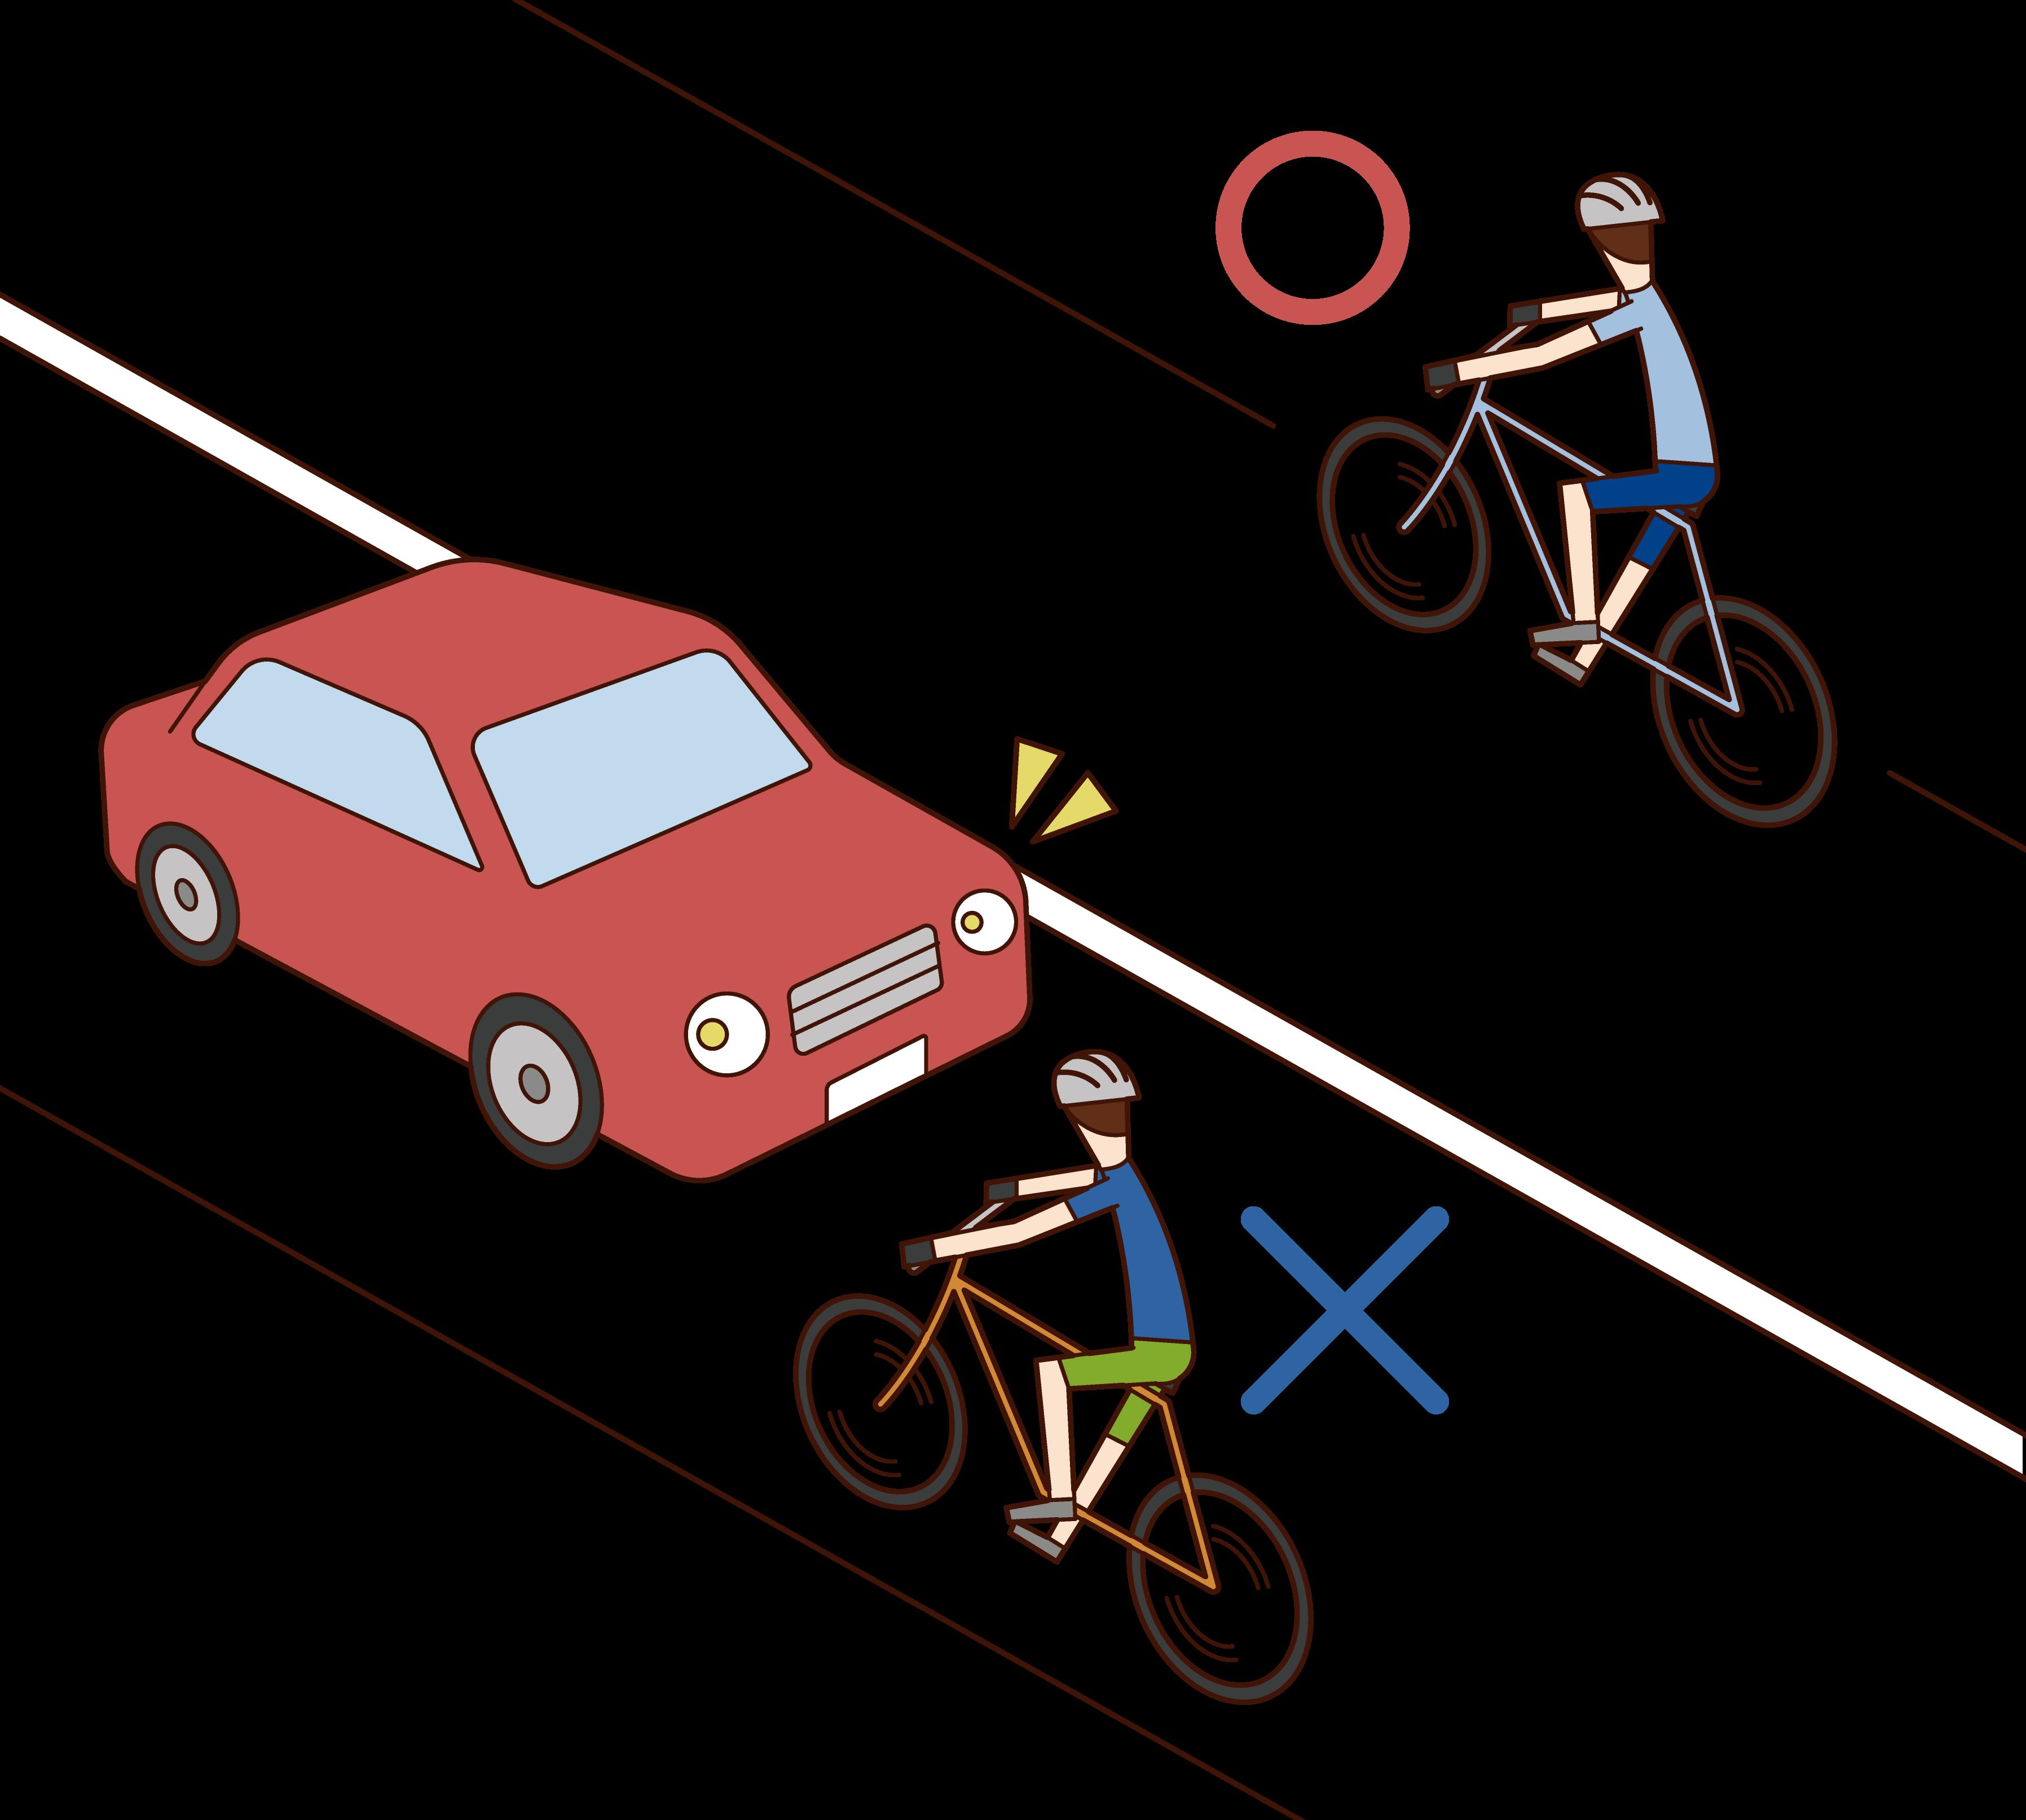 自転車の通行ルールのイラスト